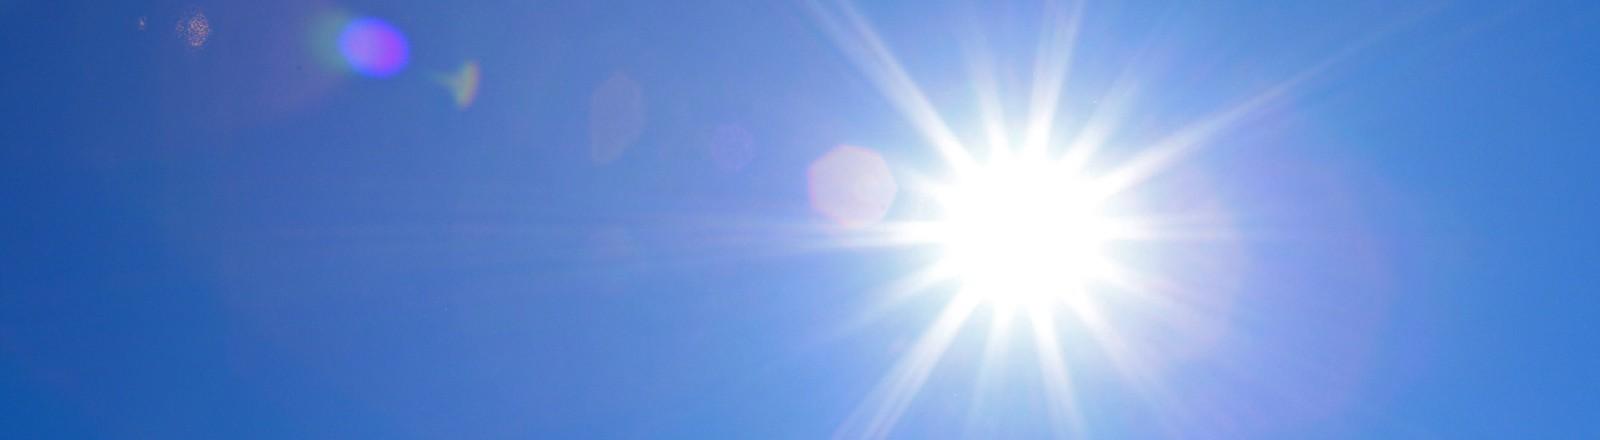 Sonne scheint brutal - blauer Himmel.